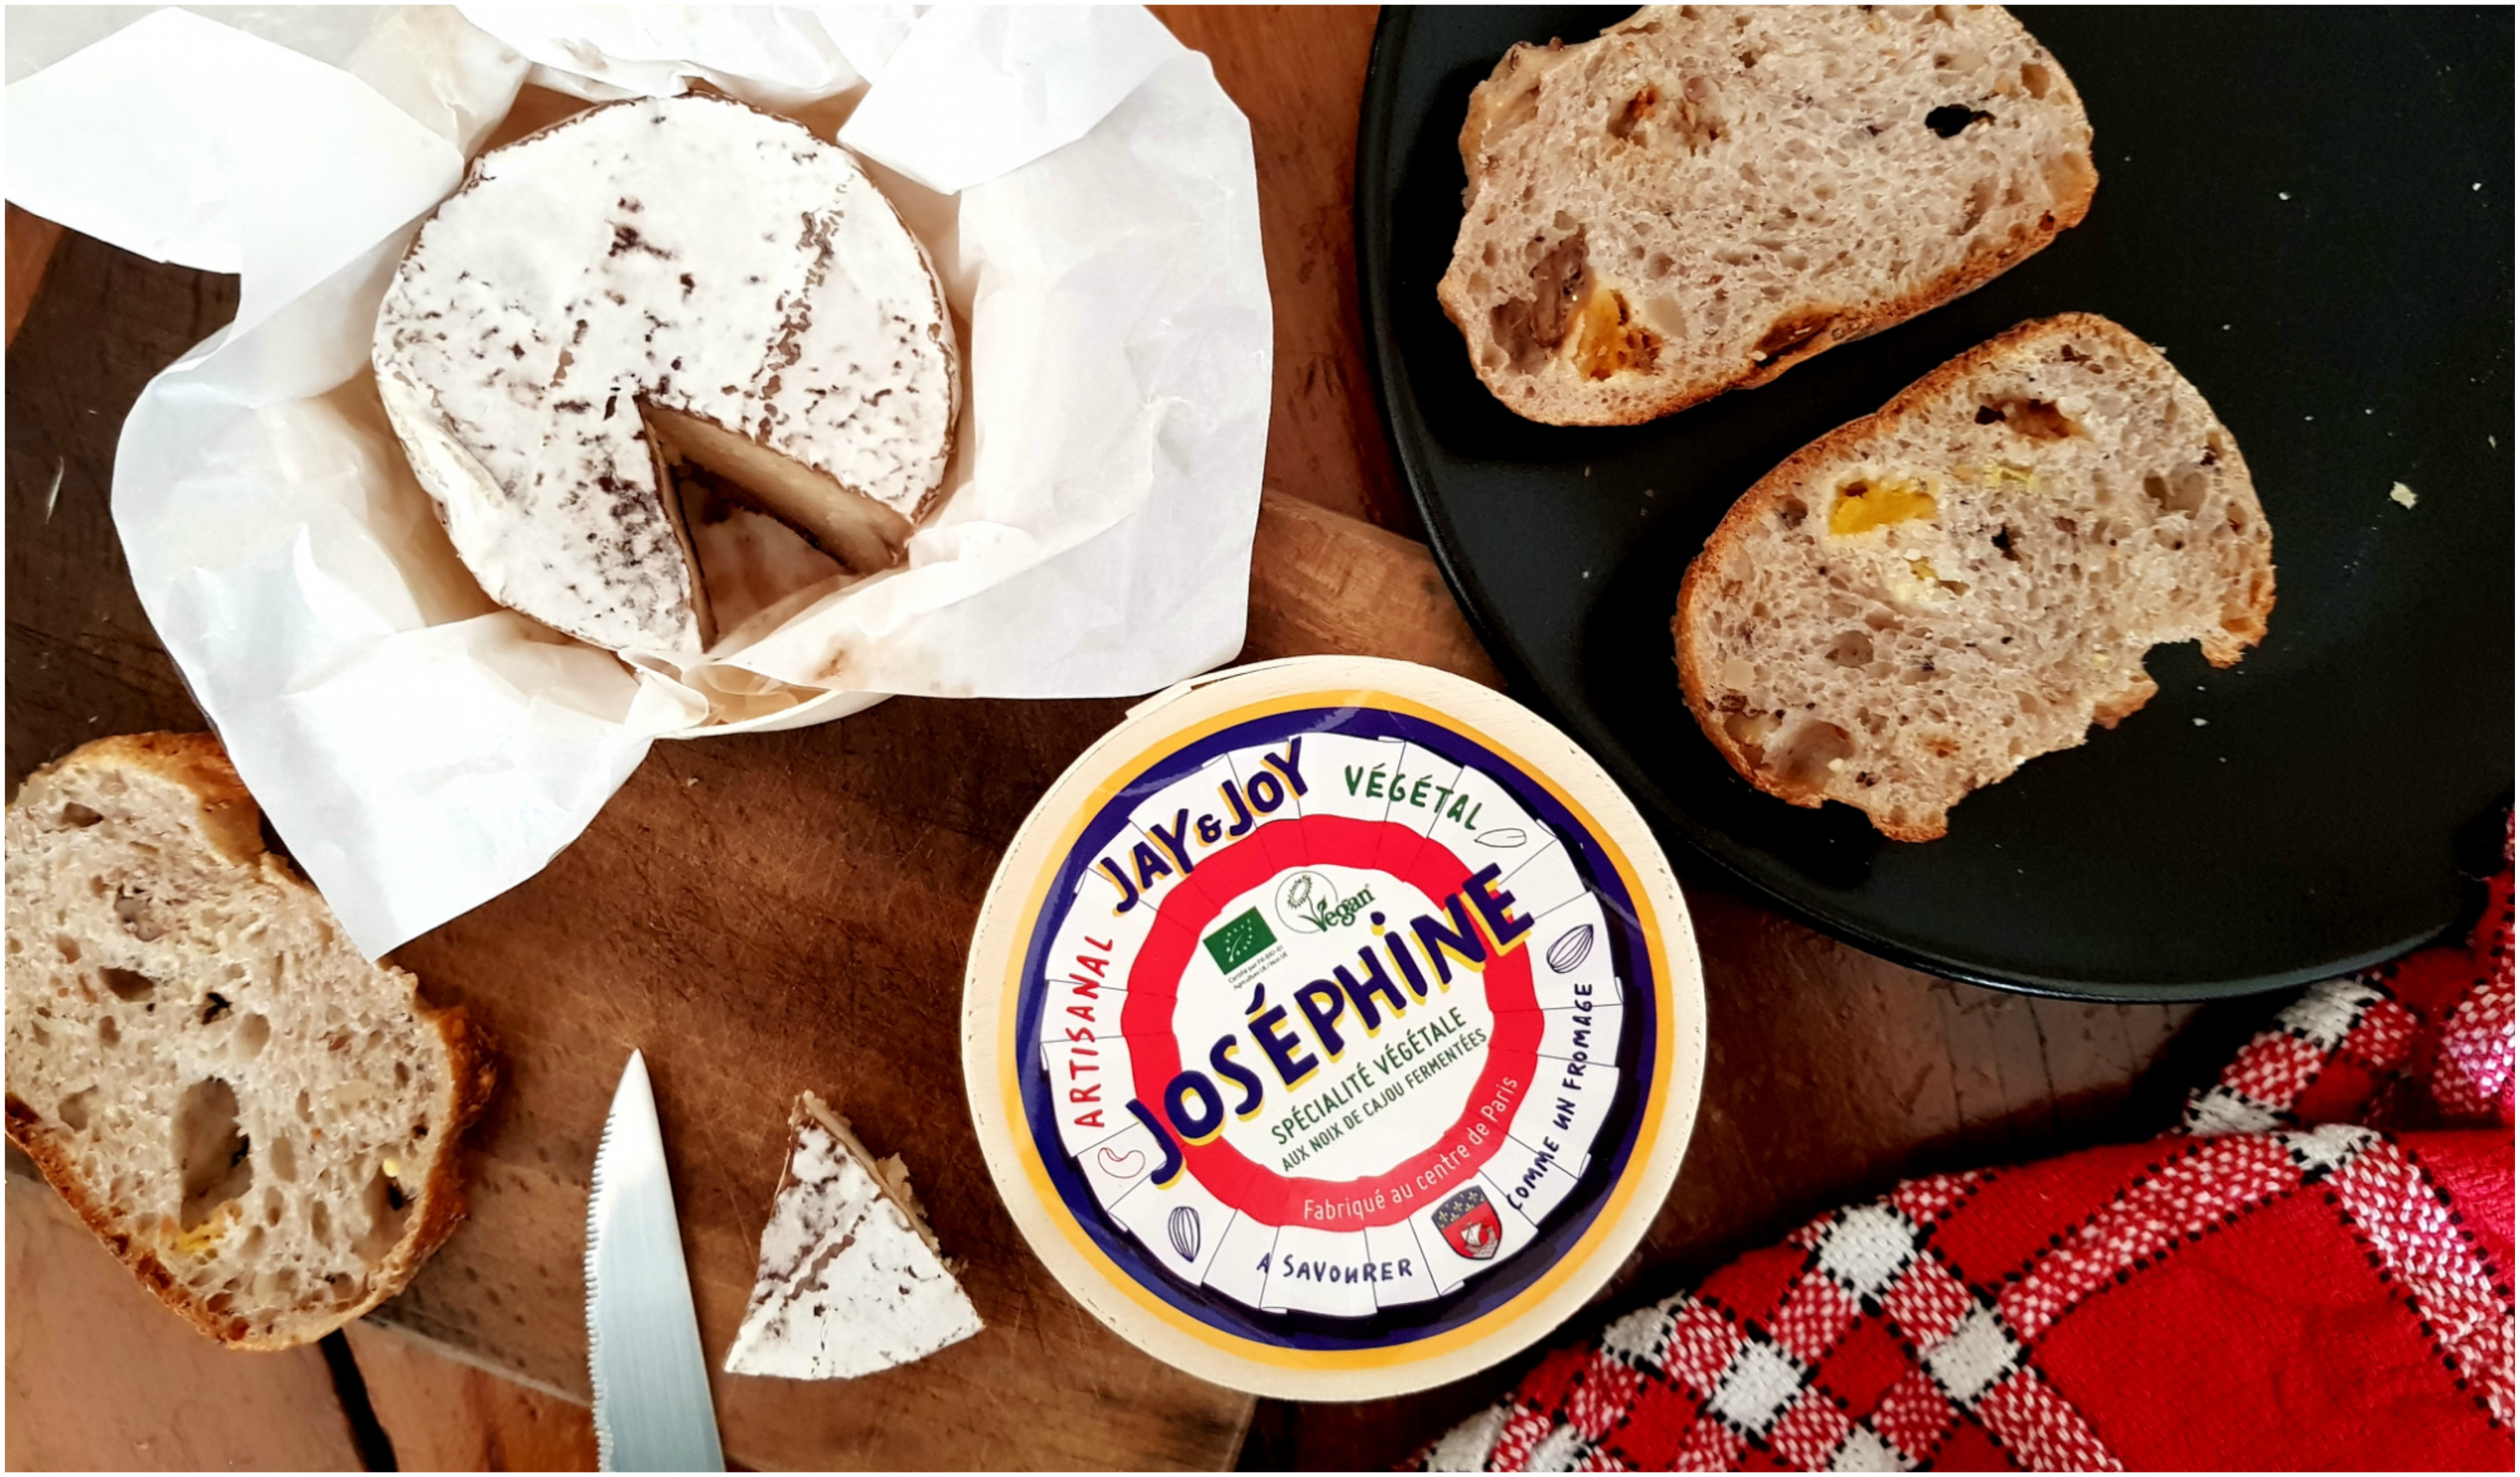 fromage-vegan-jay-joy-bordeaux-faux-mage-un-jour-vert